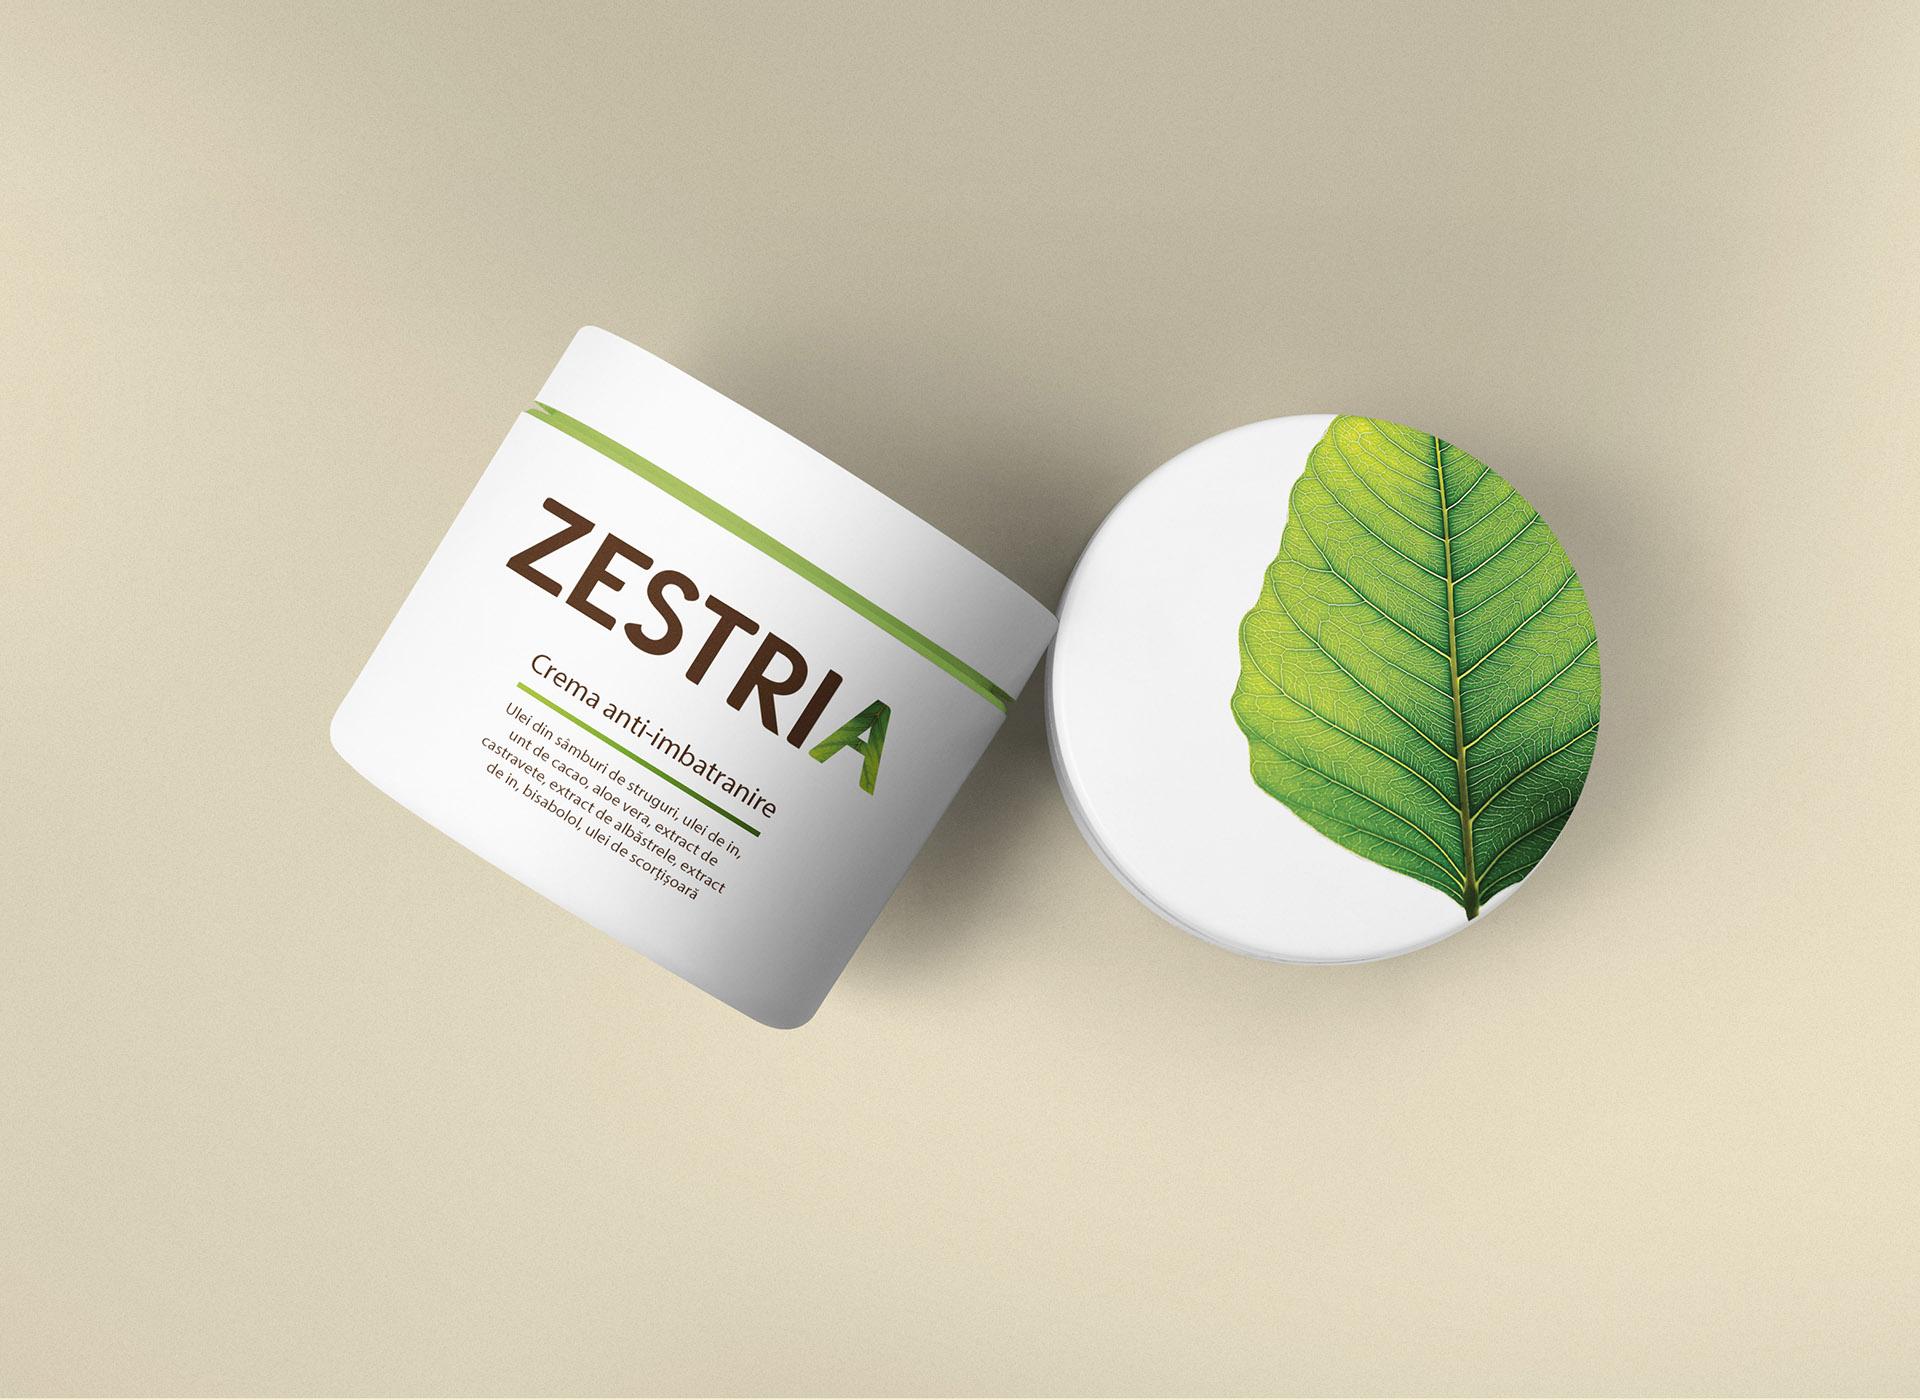 zestria portfolio inoveo product